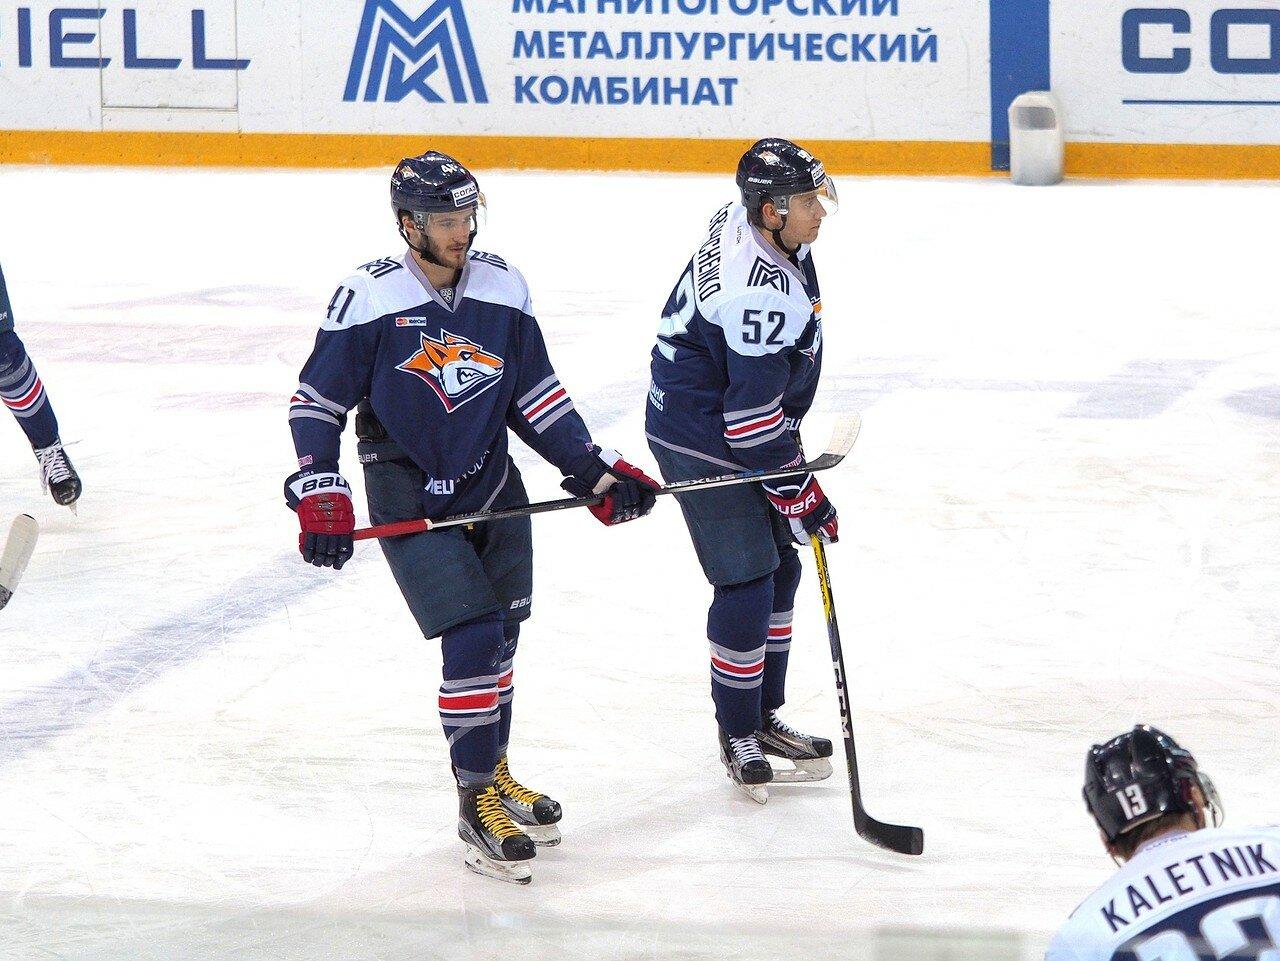 53Металлург - Динамо Москва 21.11.2016